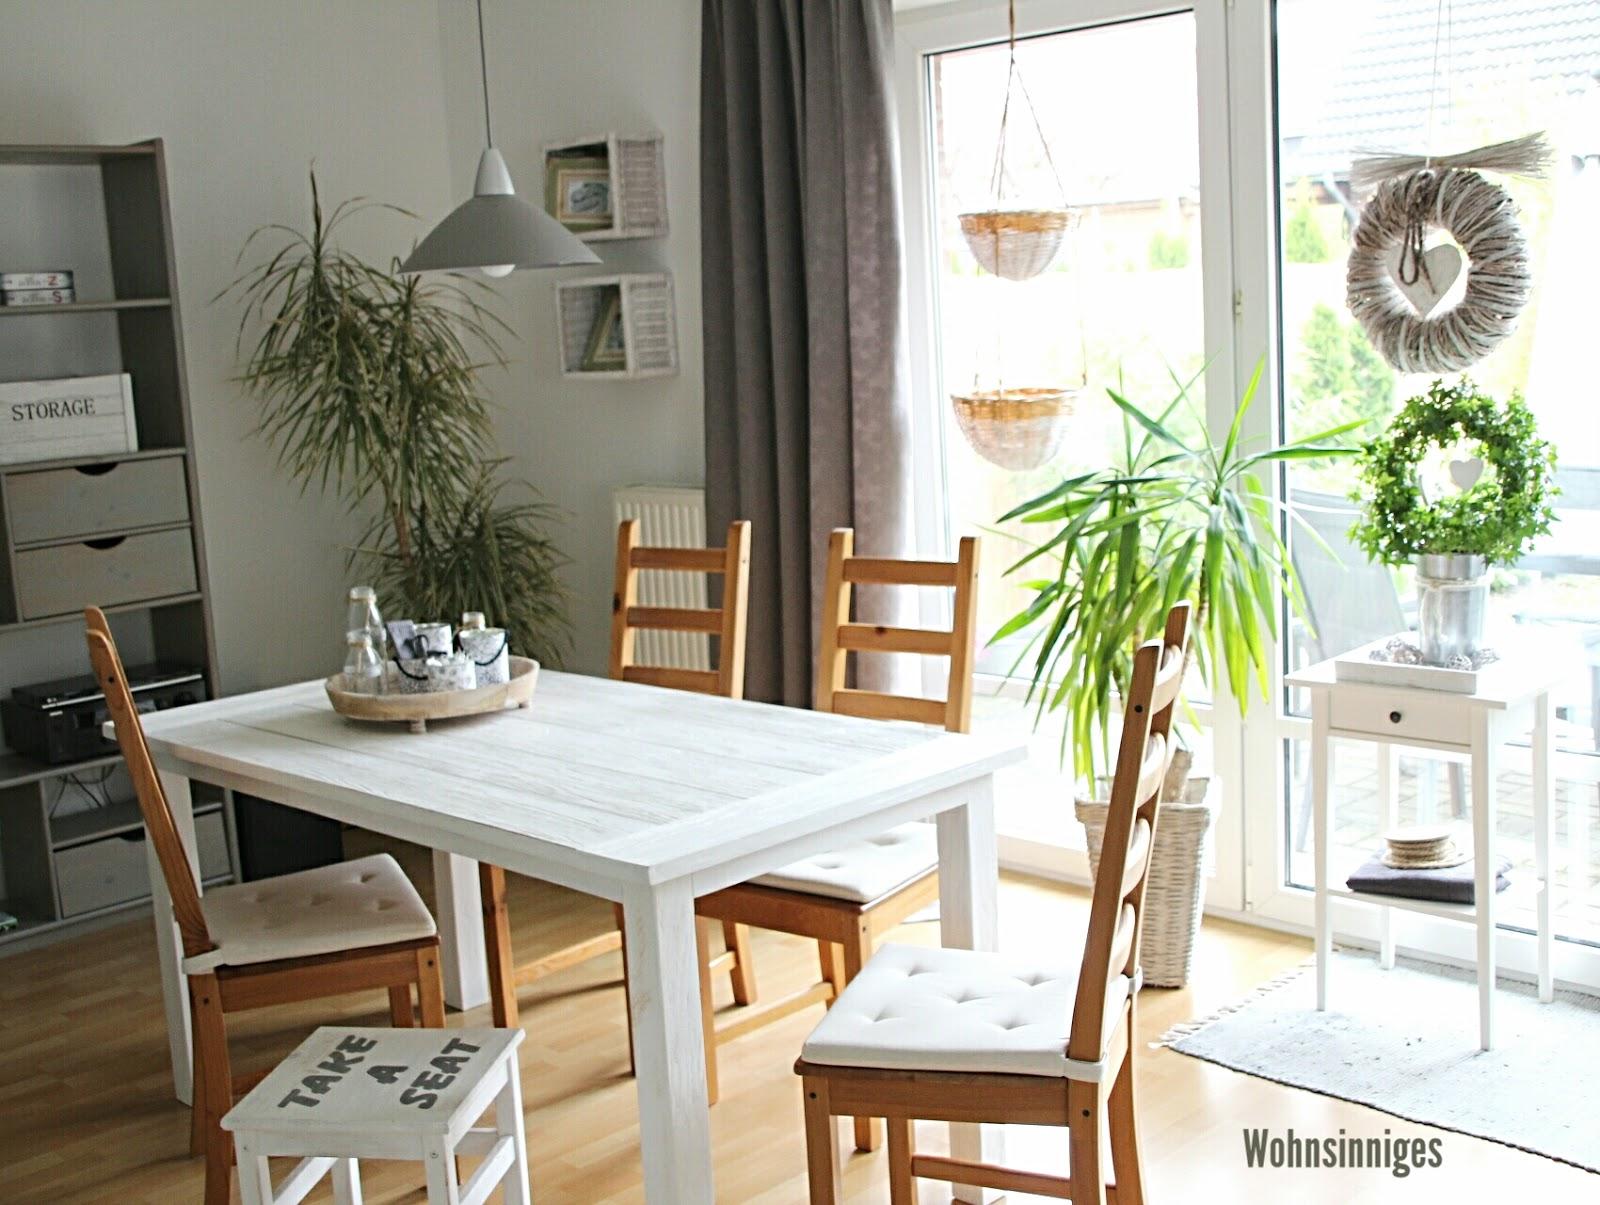 Stühle Streichen wohnsinniges wohnzimmer